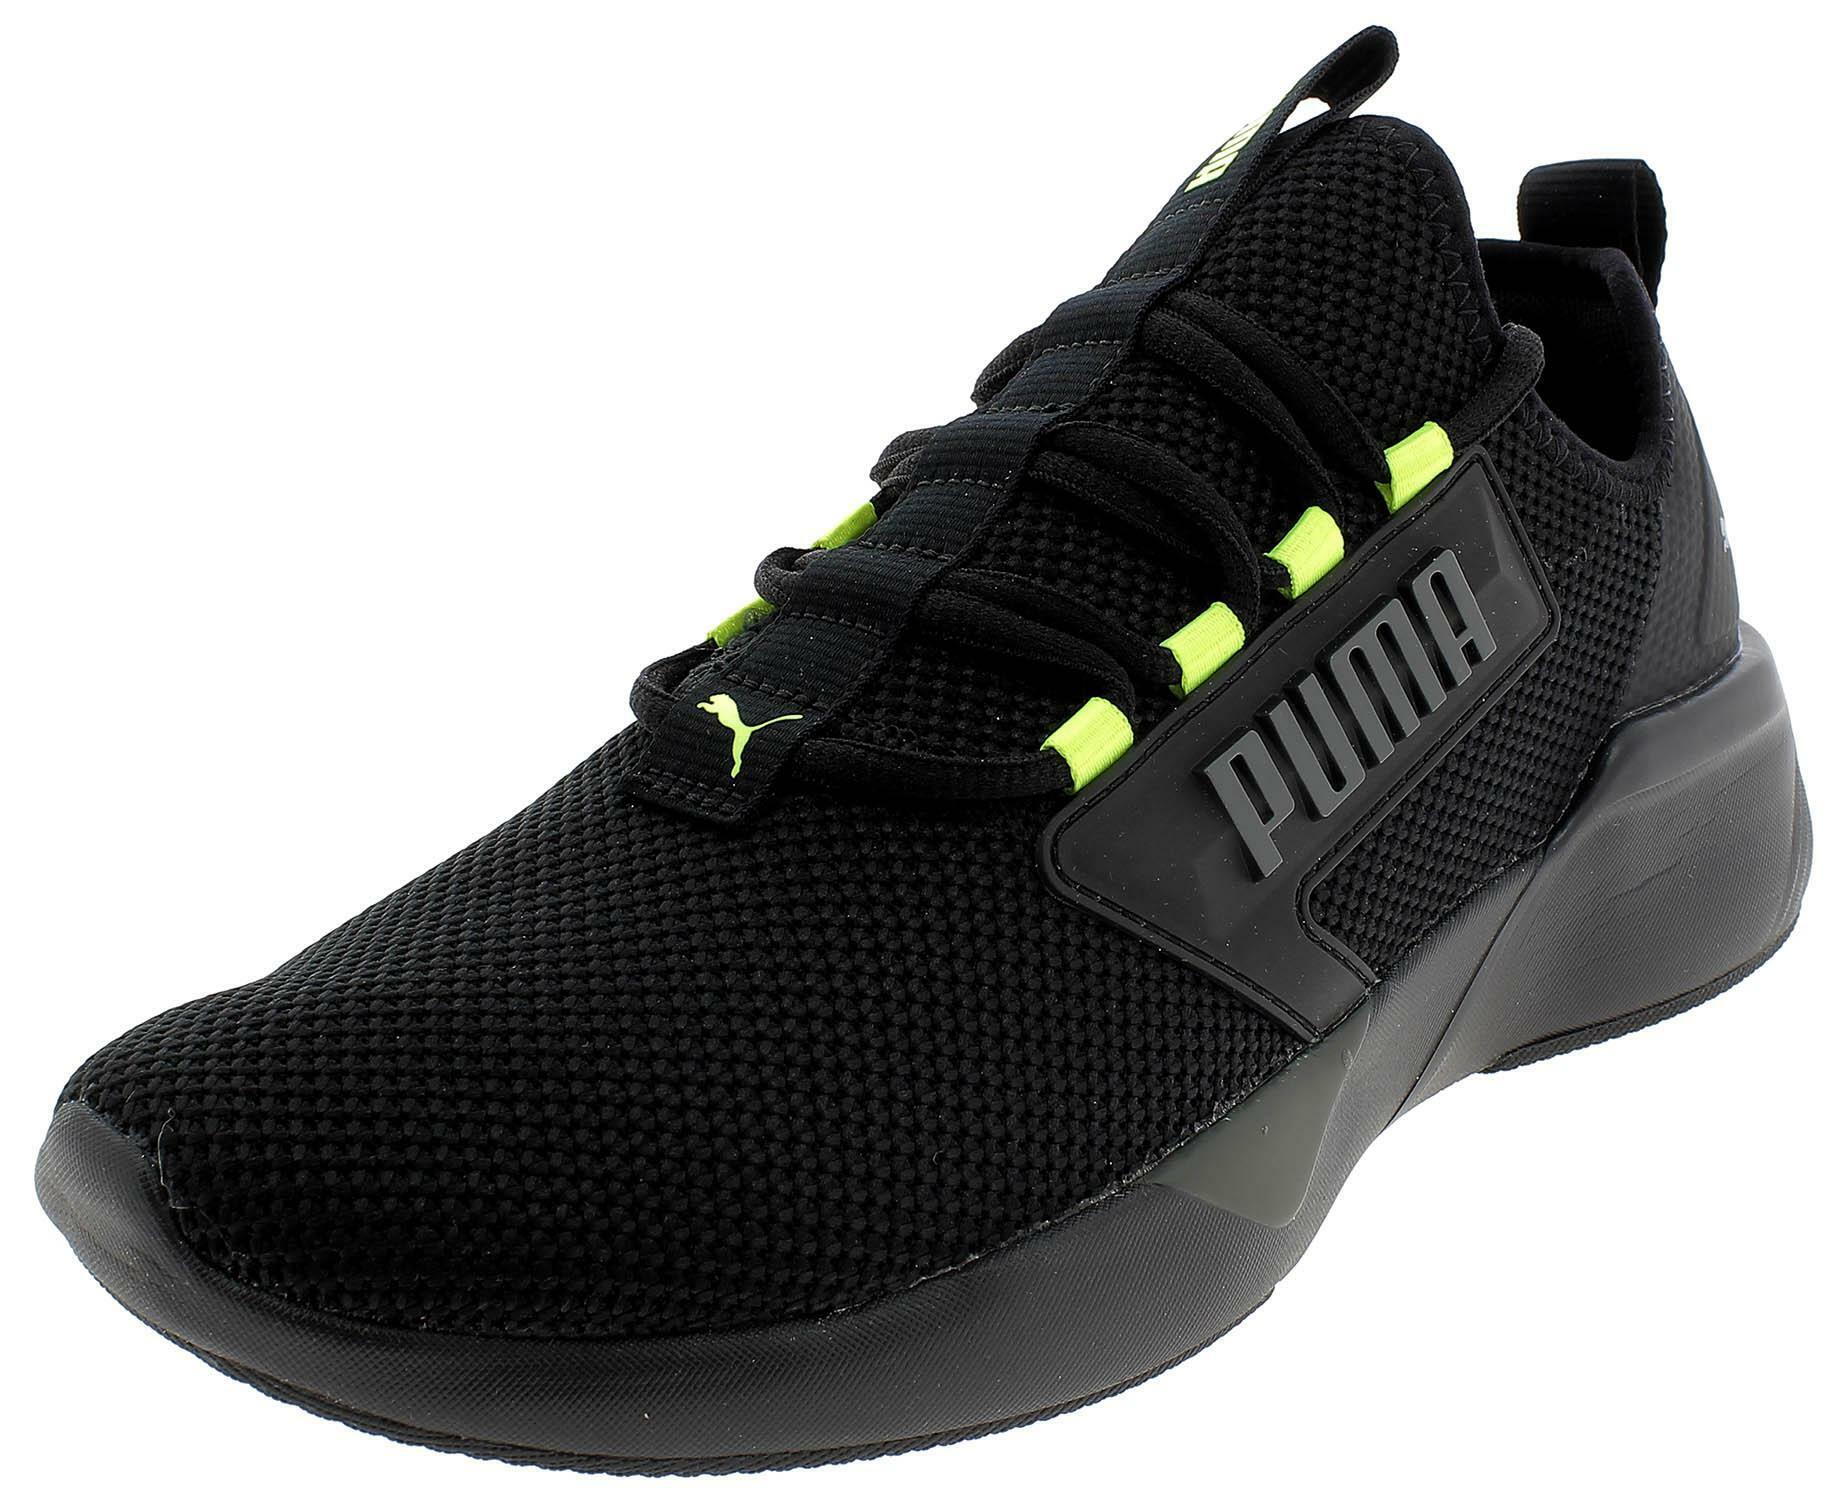 puma scarpe nere uomo